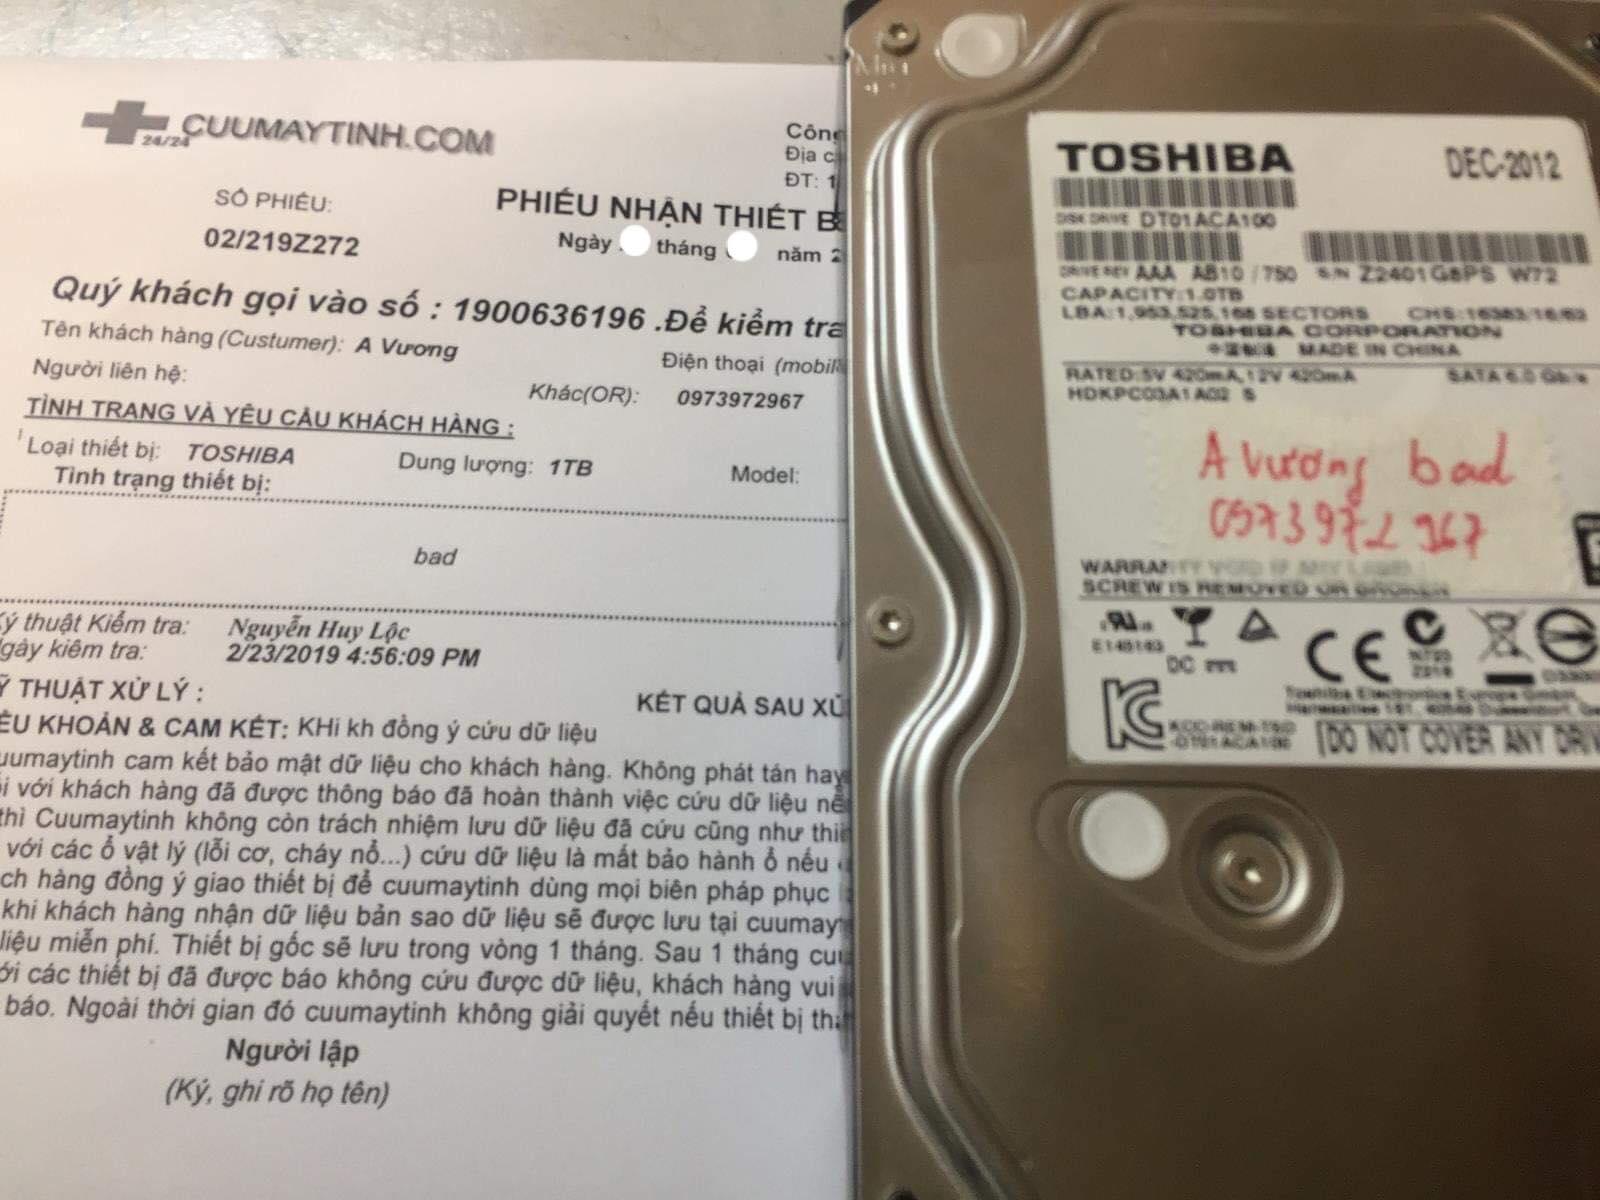 Khôi phục dữ liệu ổ cứng Toshiba 1TB bad 16/03/2019 - cuumaytinh